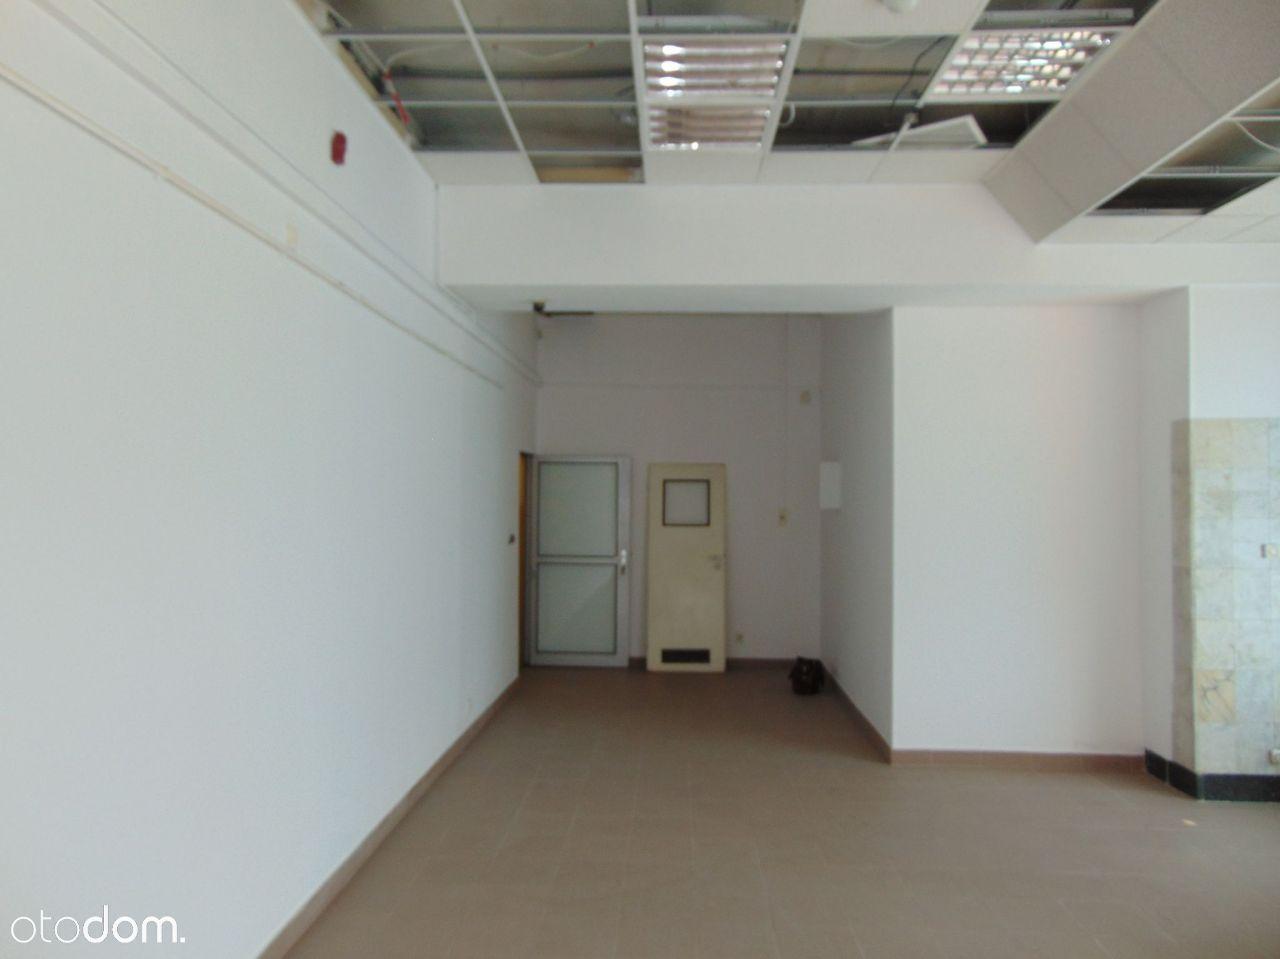 Lokal użytkowy na sprzedaż, Świdnica, świdnicki, dolnośląskie - Foto 8